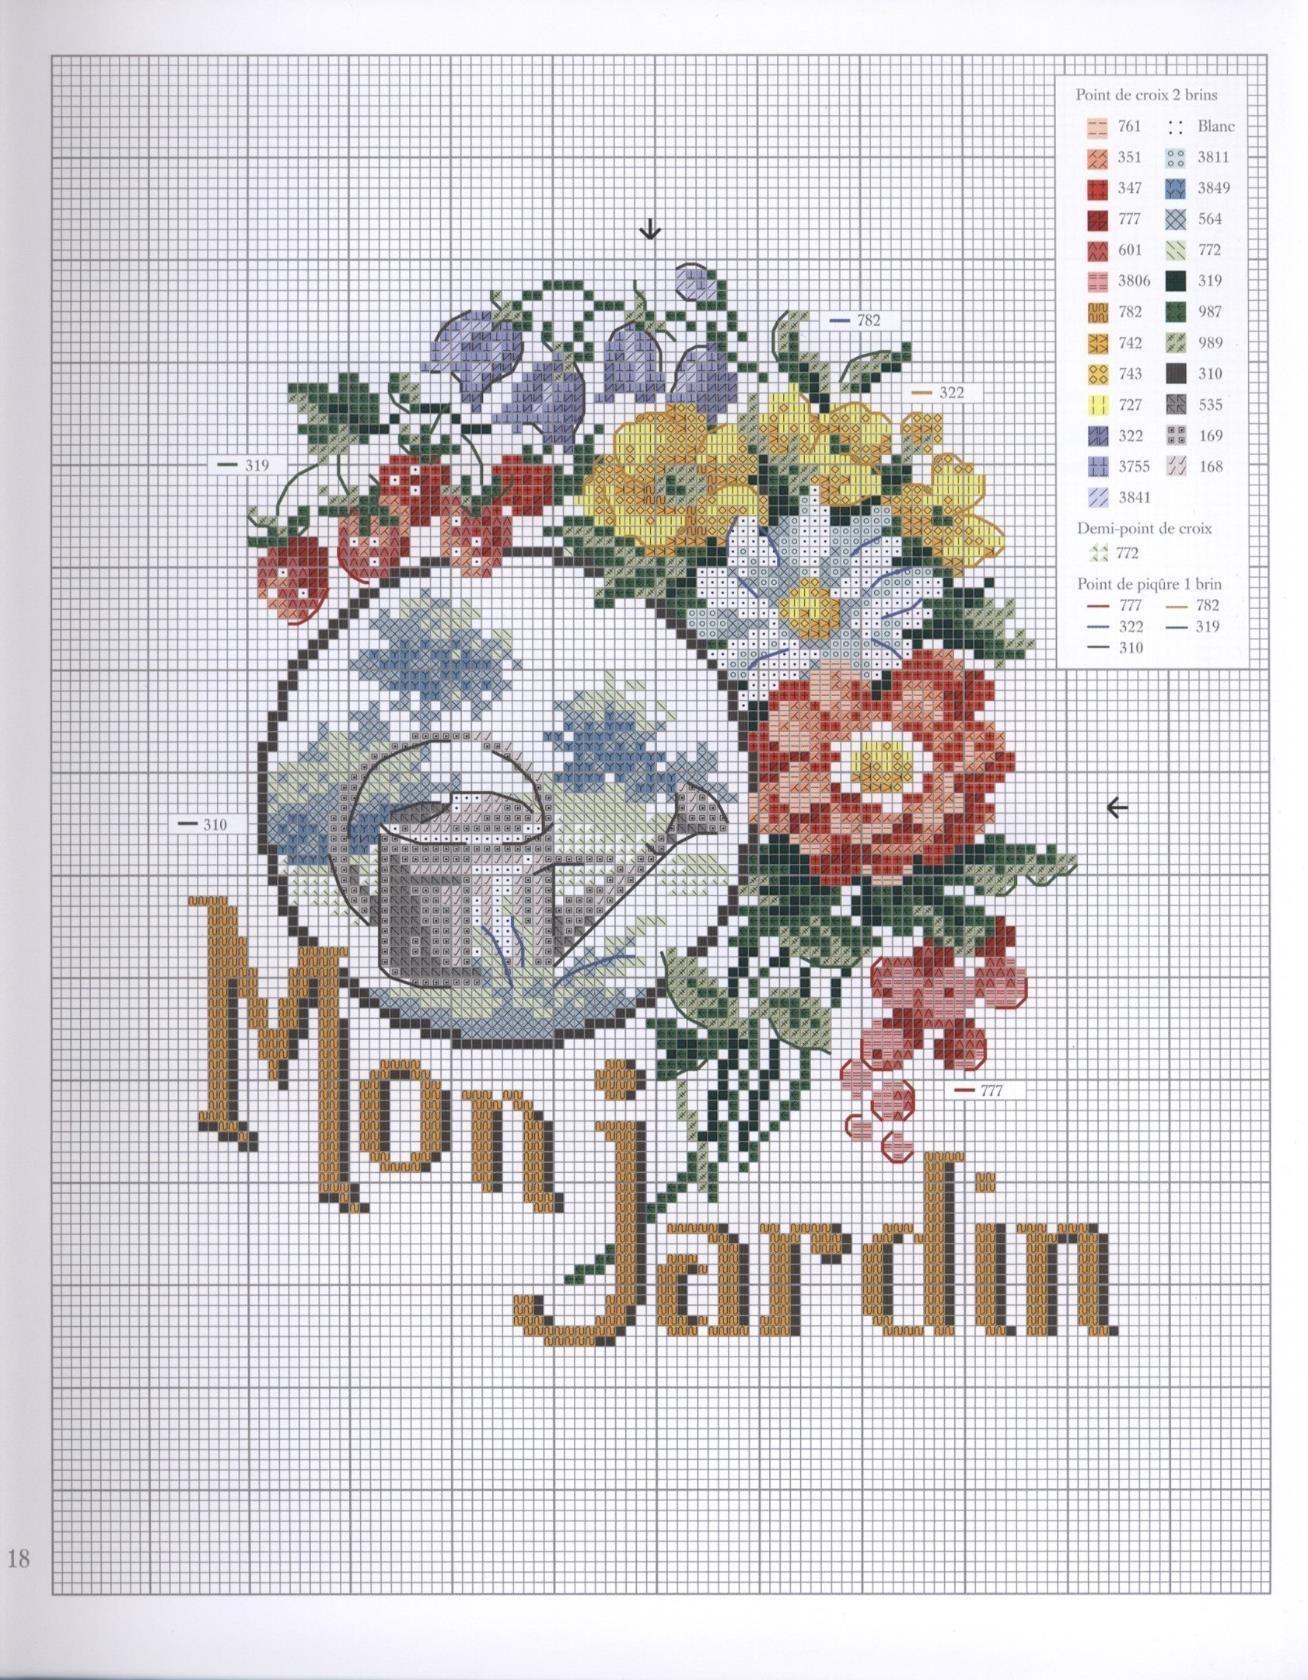 Couturière. Tirelire avec plans) – Photo | OK.RU   – Embroidery